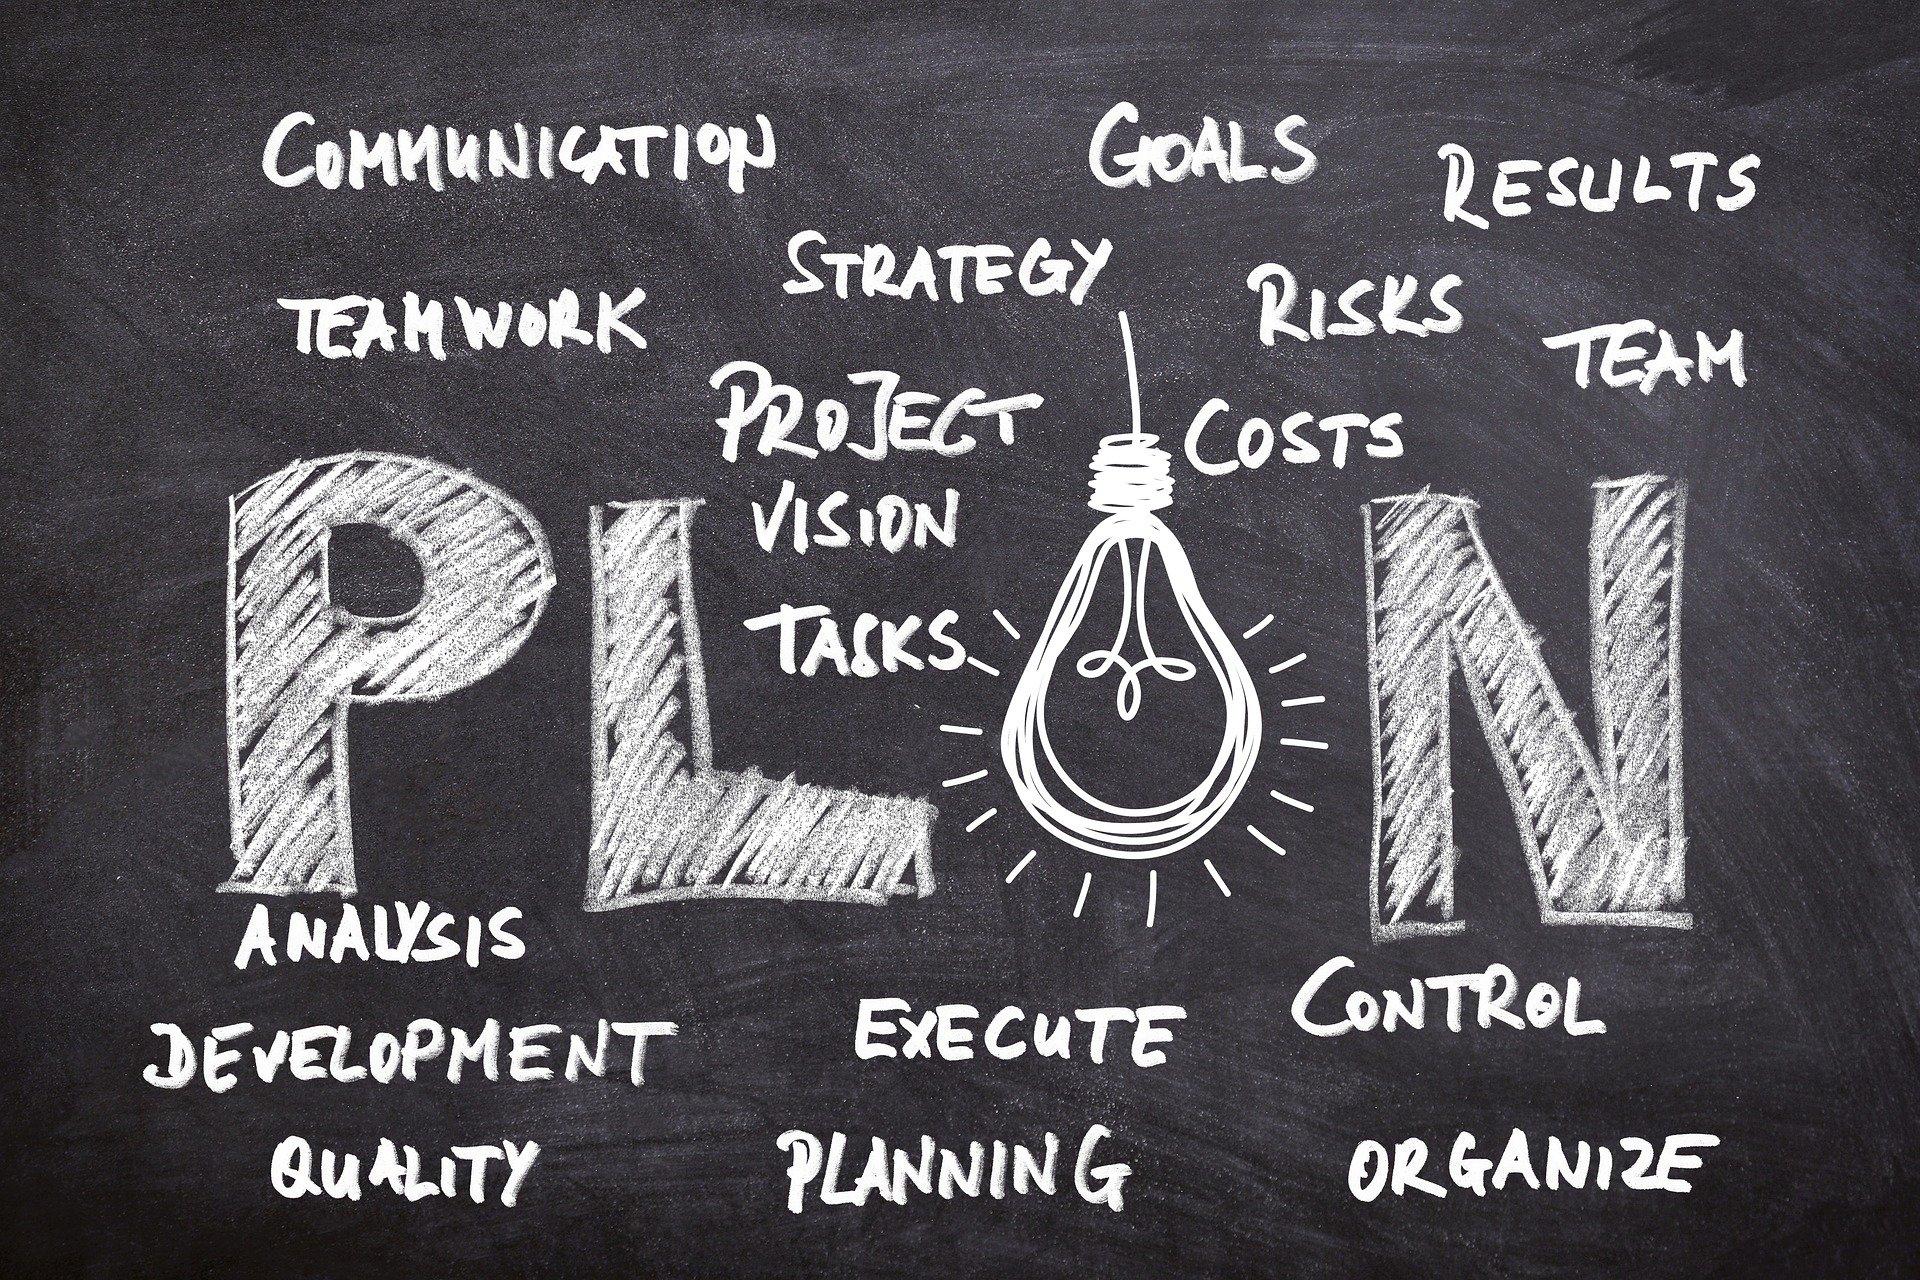 Die Failure Mode and Effects Analysis (FMEA) ist eine Methode zur systematischen Vermeidung von Fehlern oder Risiken bei der Produkt-, Dienstleistungs- und Prozessentwicklung oder deren Änderung.